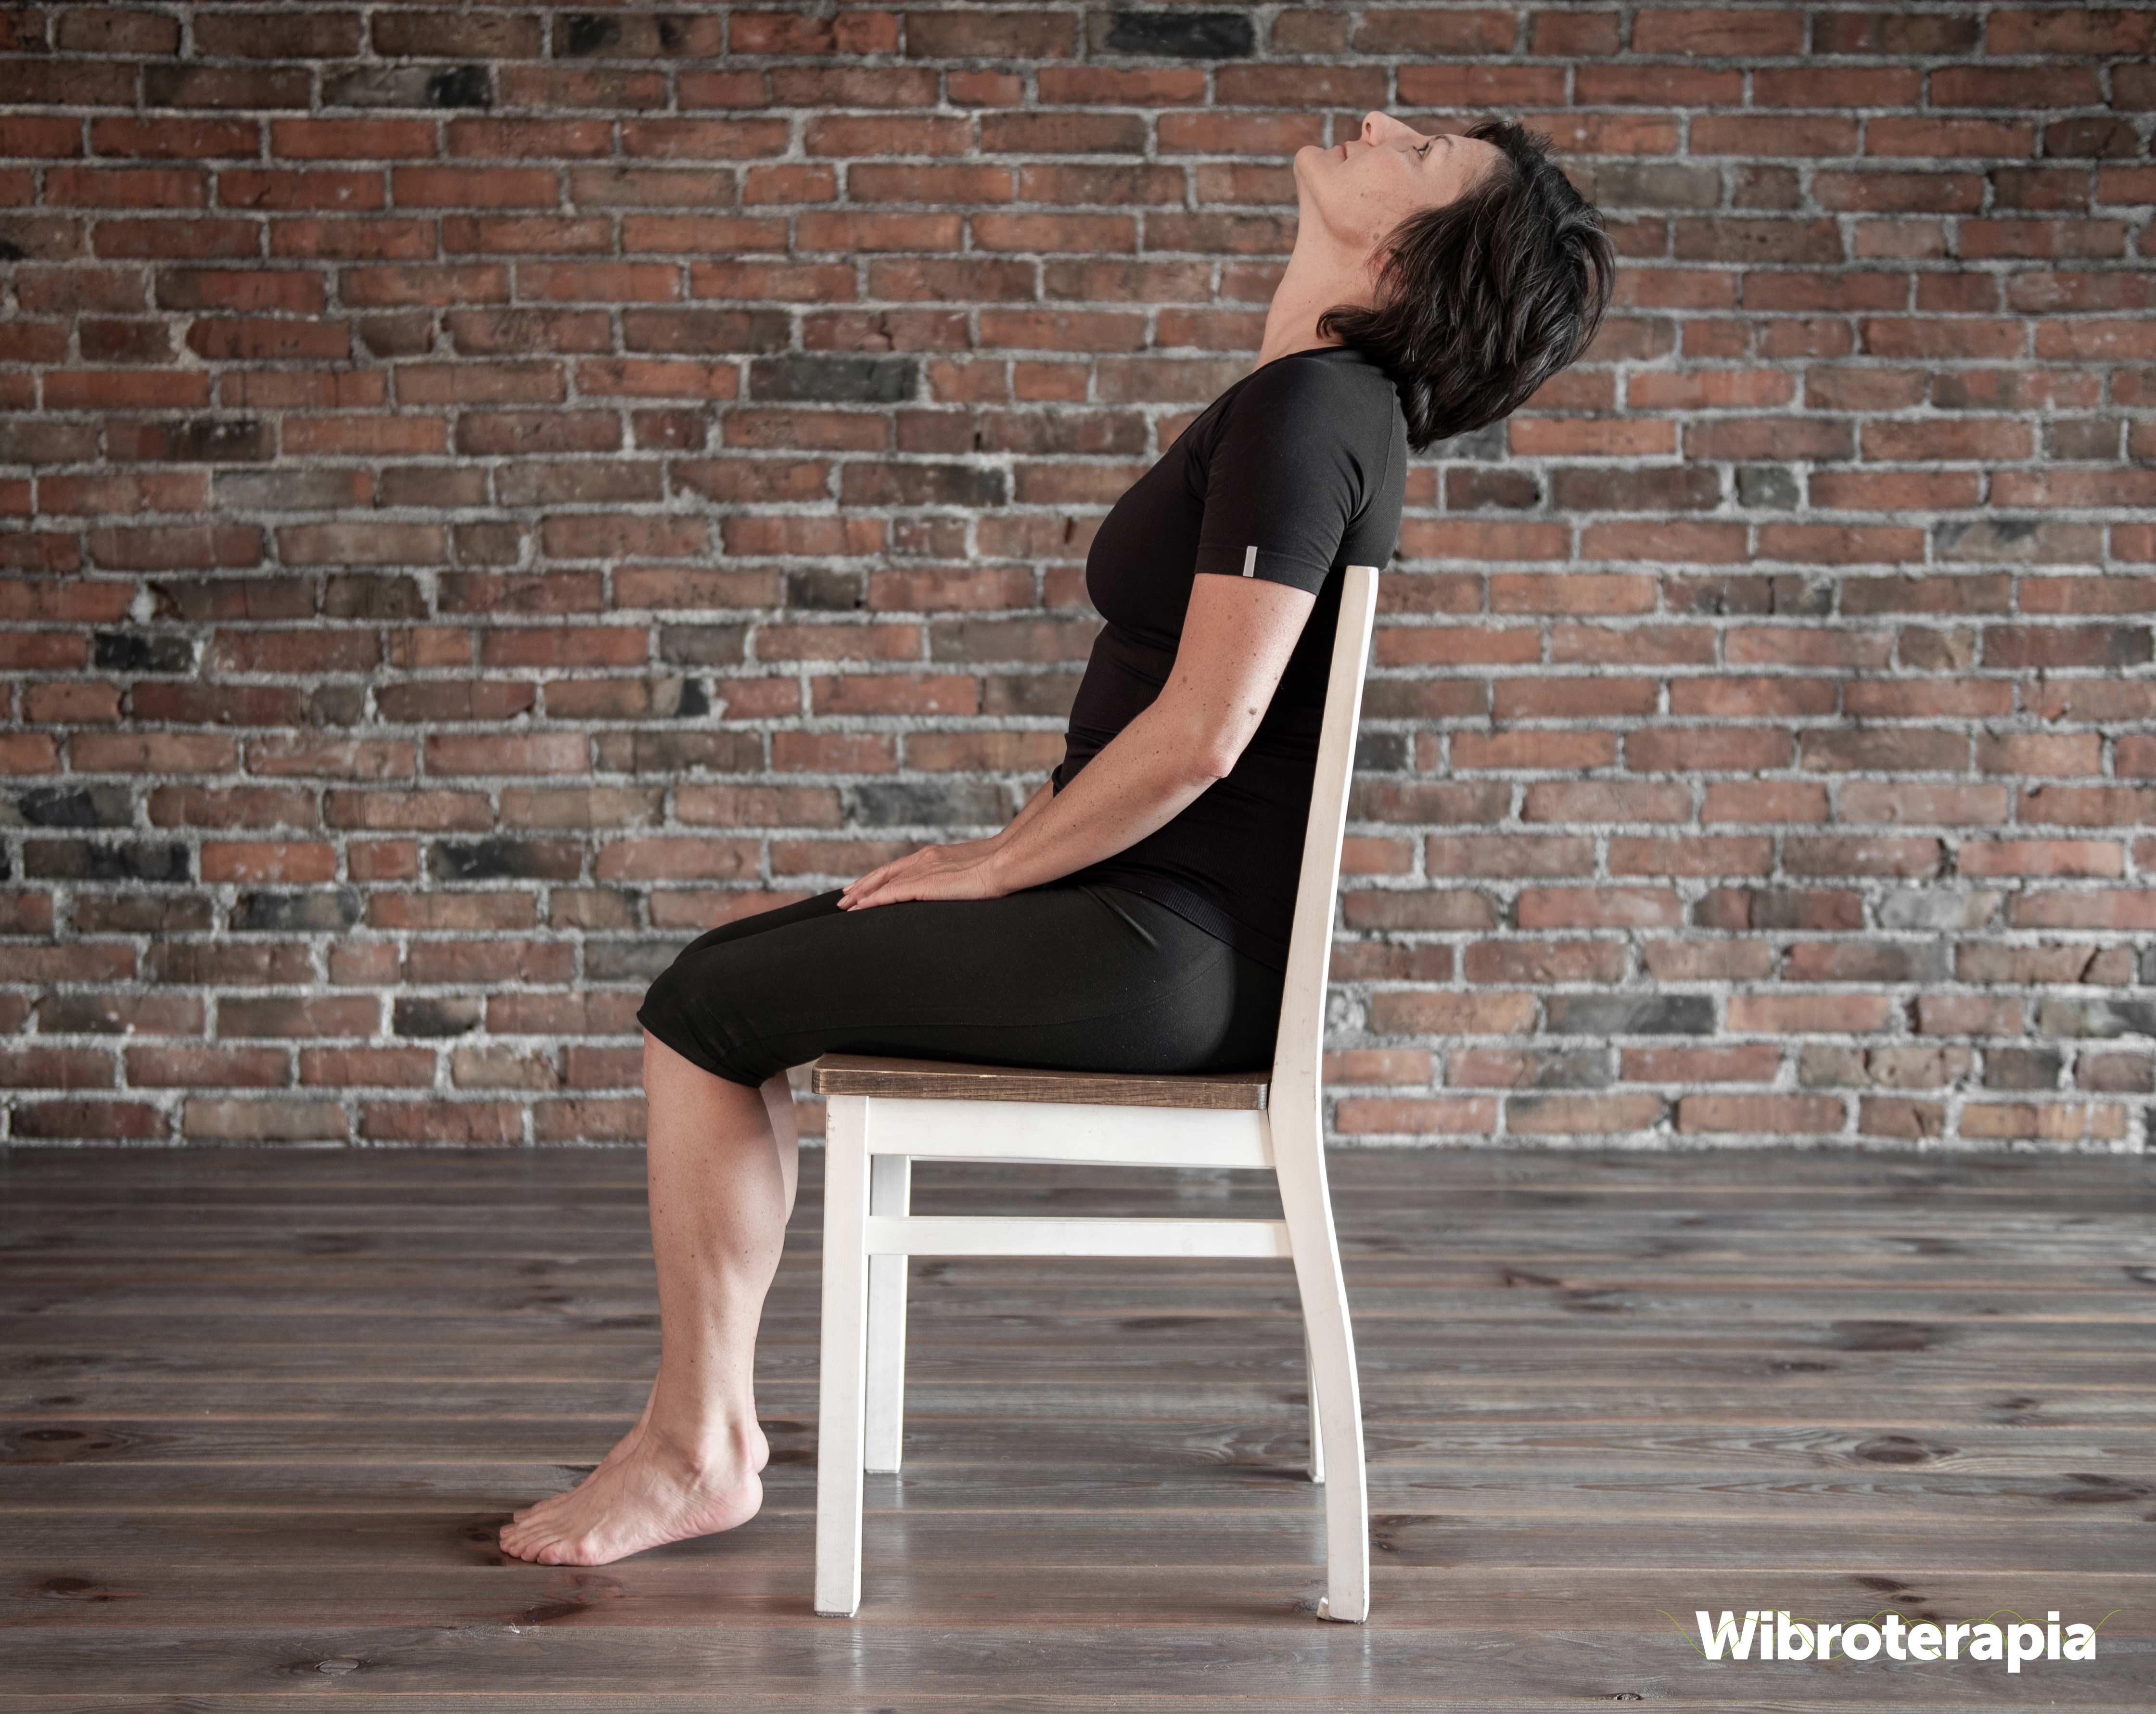 Ćwiczenia na ból szyi i karku - odciąganie głowy w tył